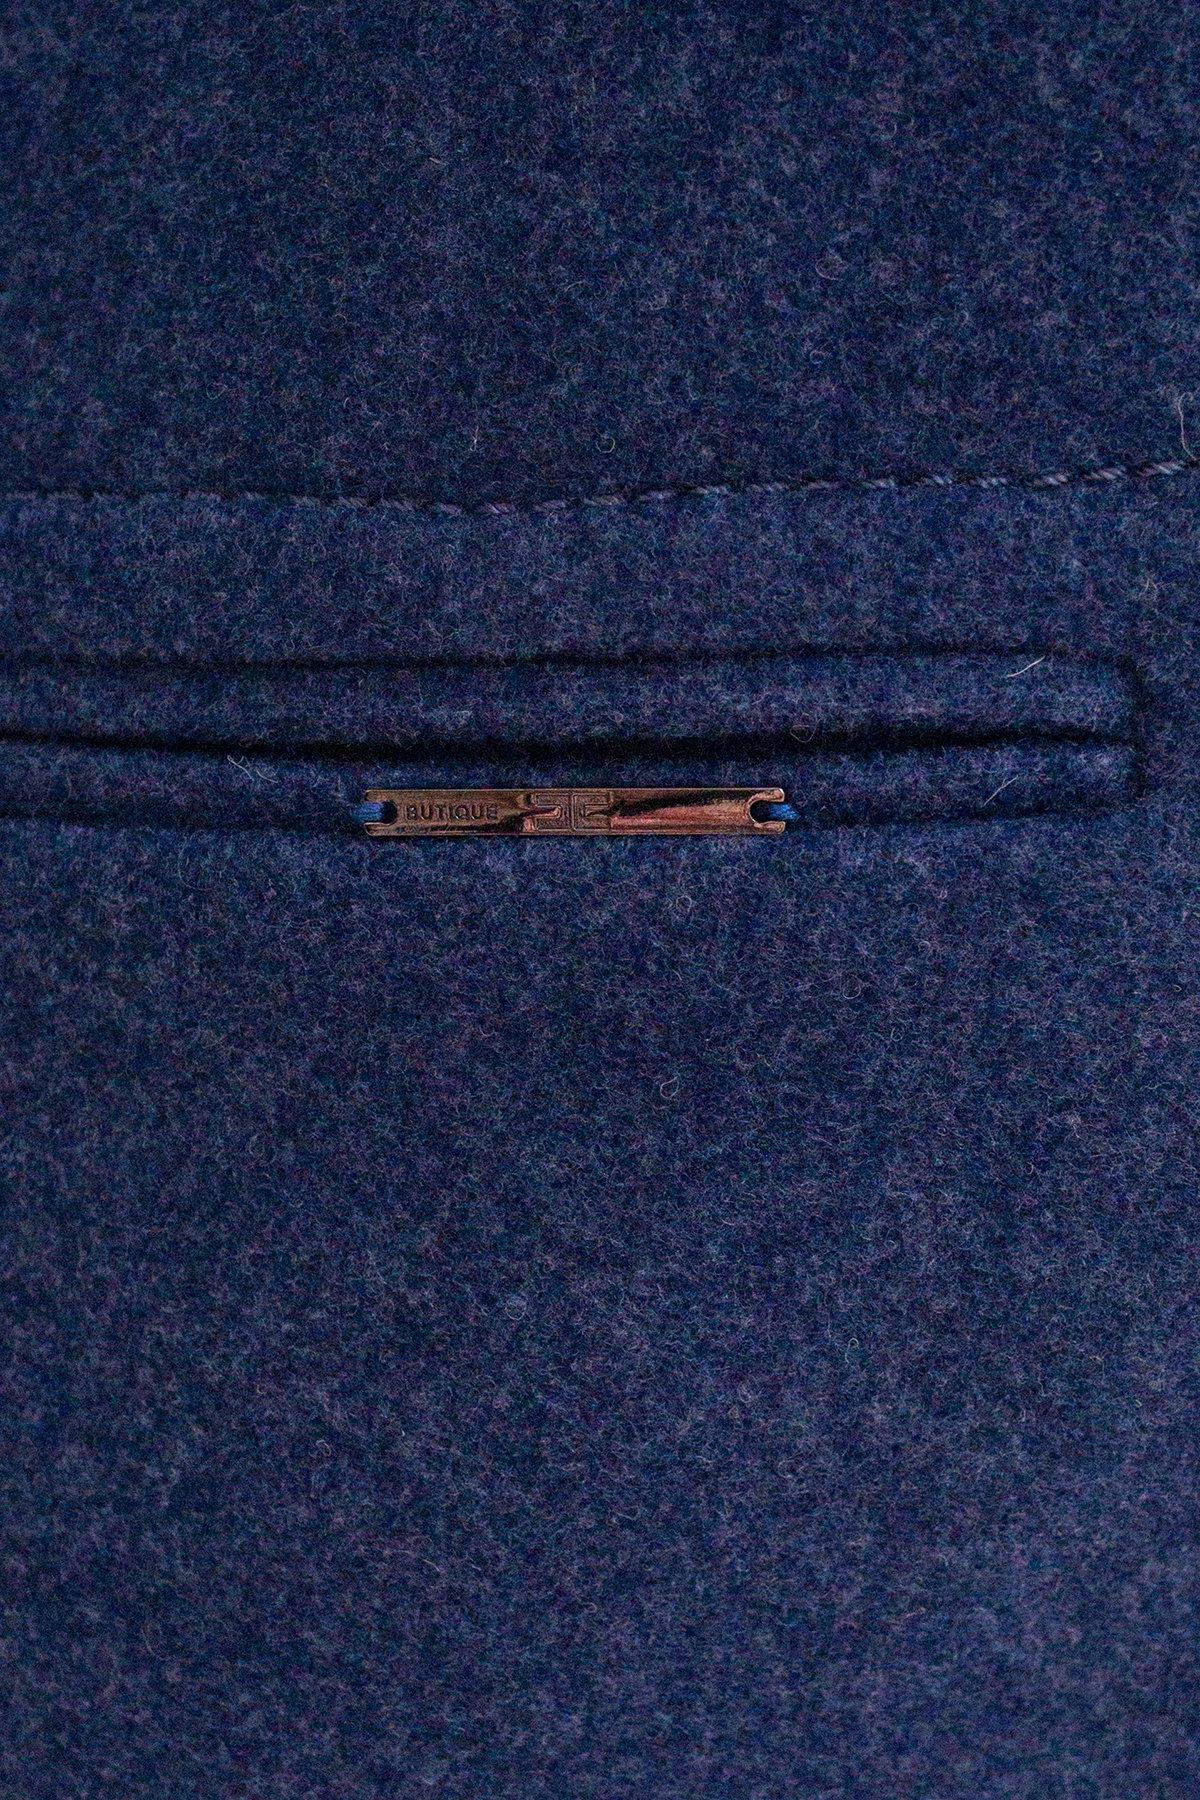 Пальто Ждана  5405 АРТ. 36715 Цвет: Джинс - фото 5, интернет магазин tm-modus.ru